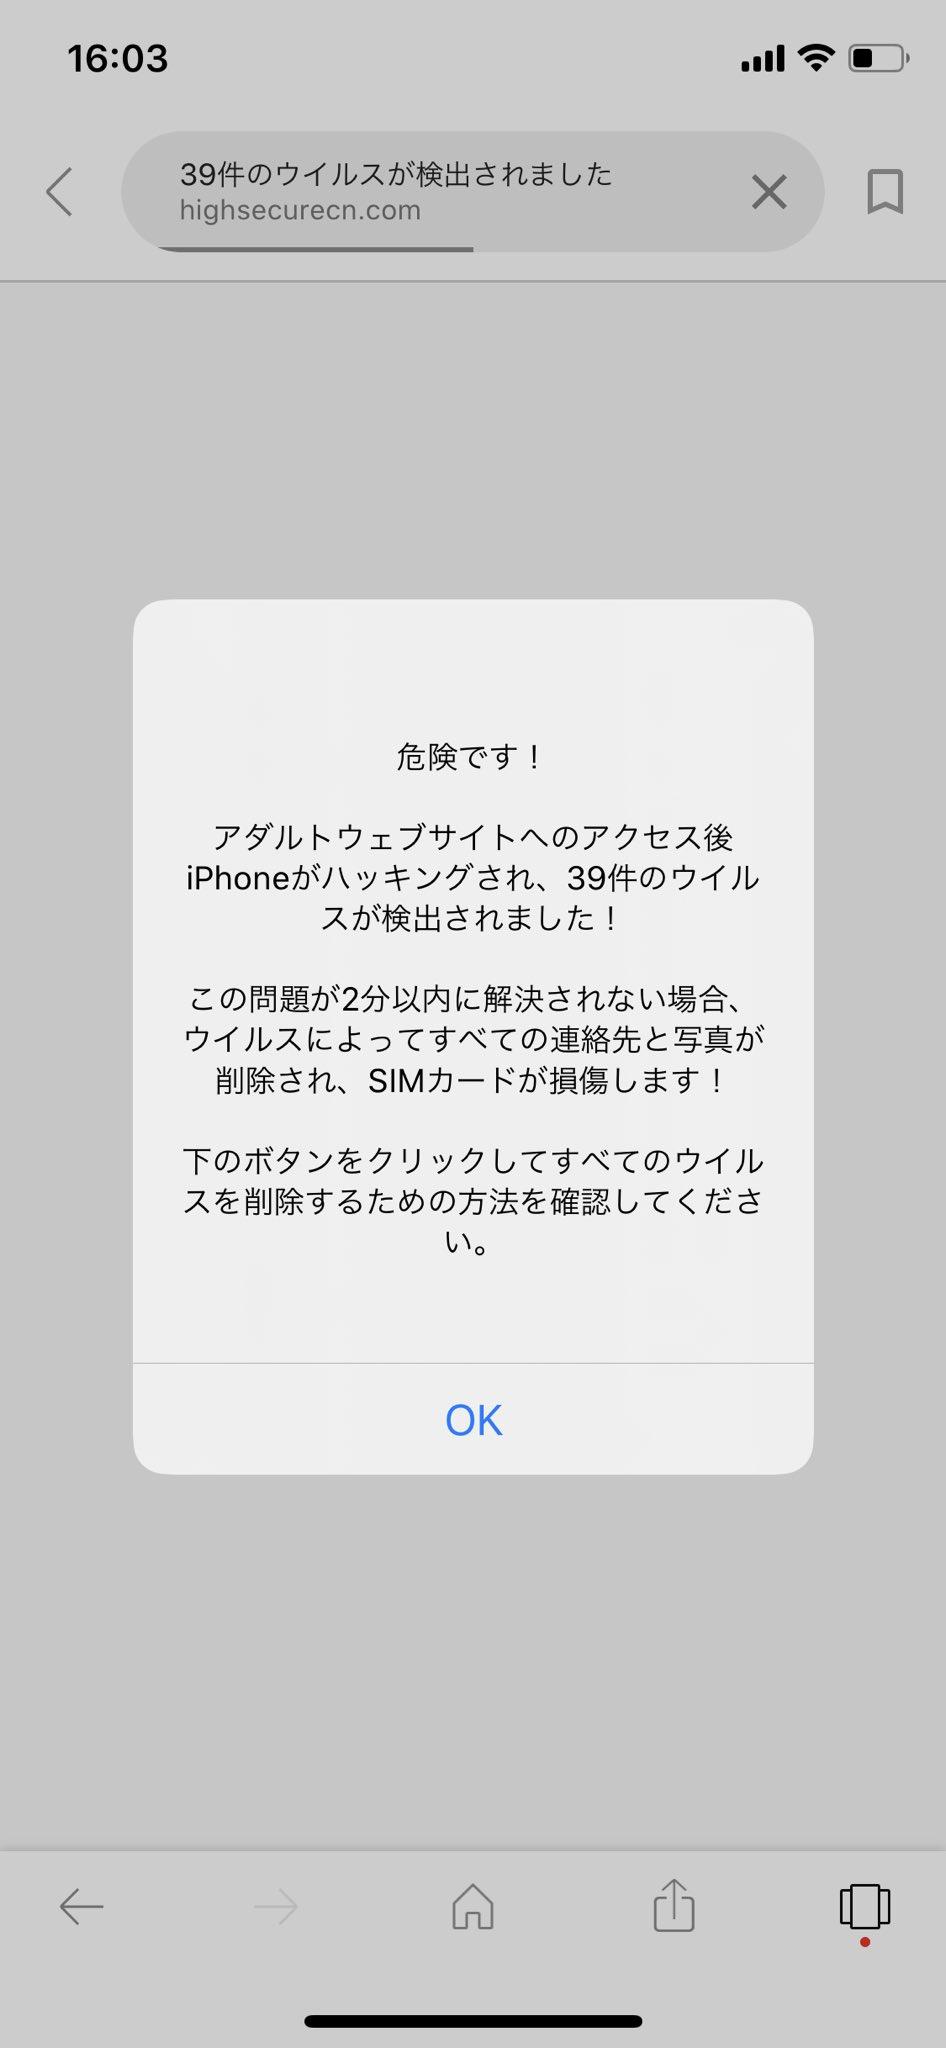 件 iphone 検出 た ウイルス まし の が 39 され